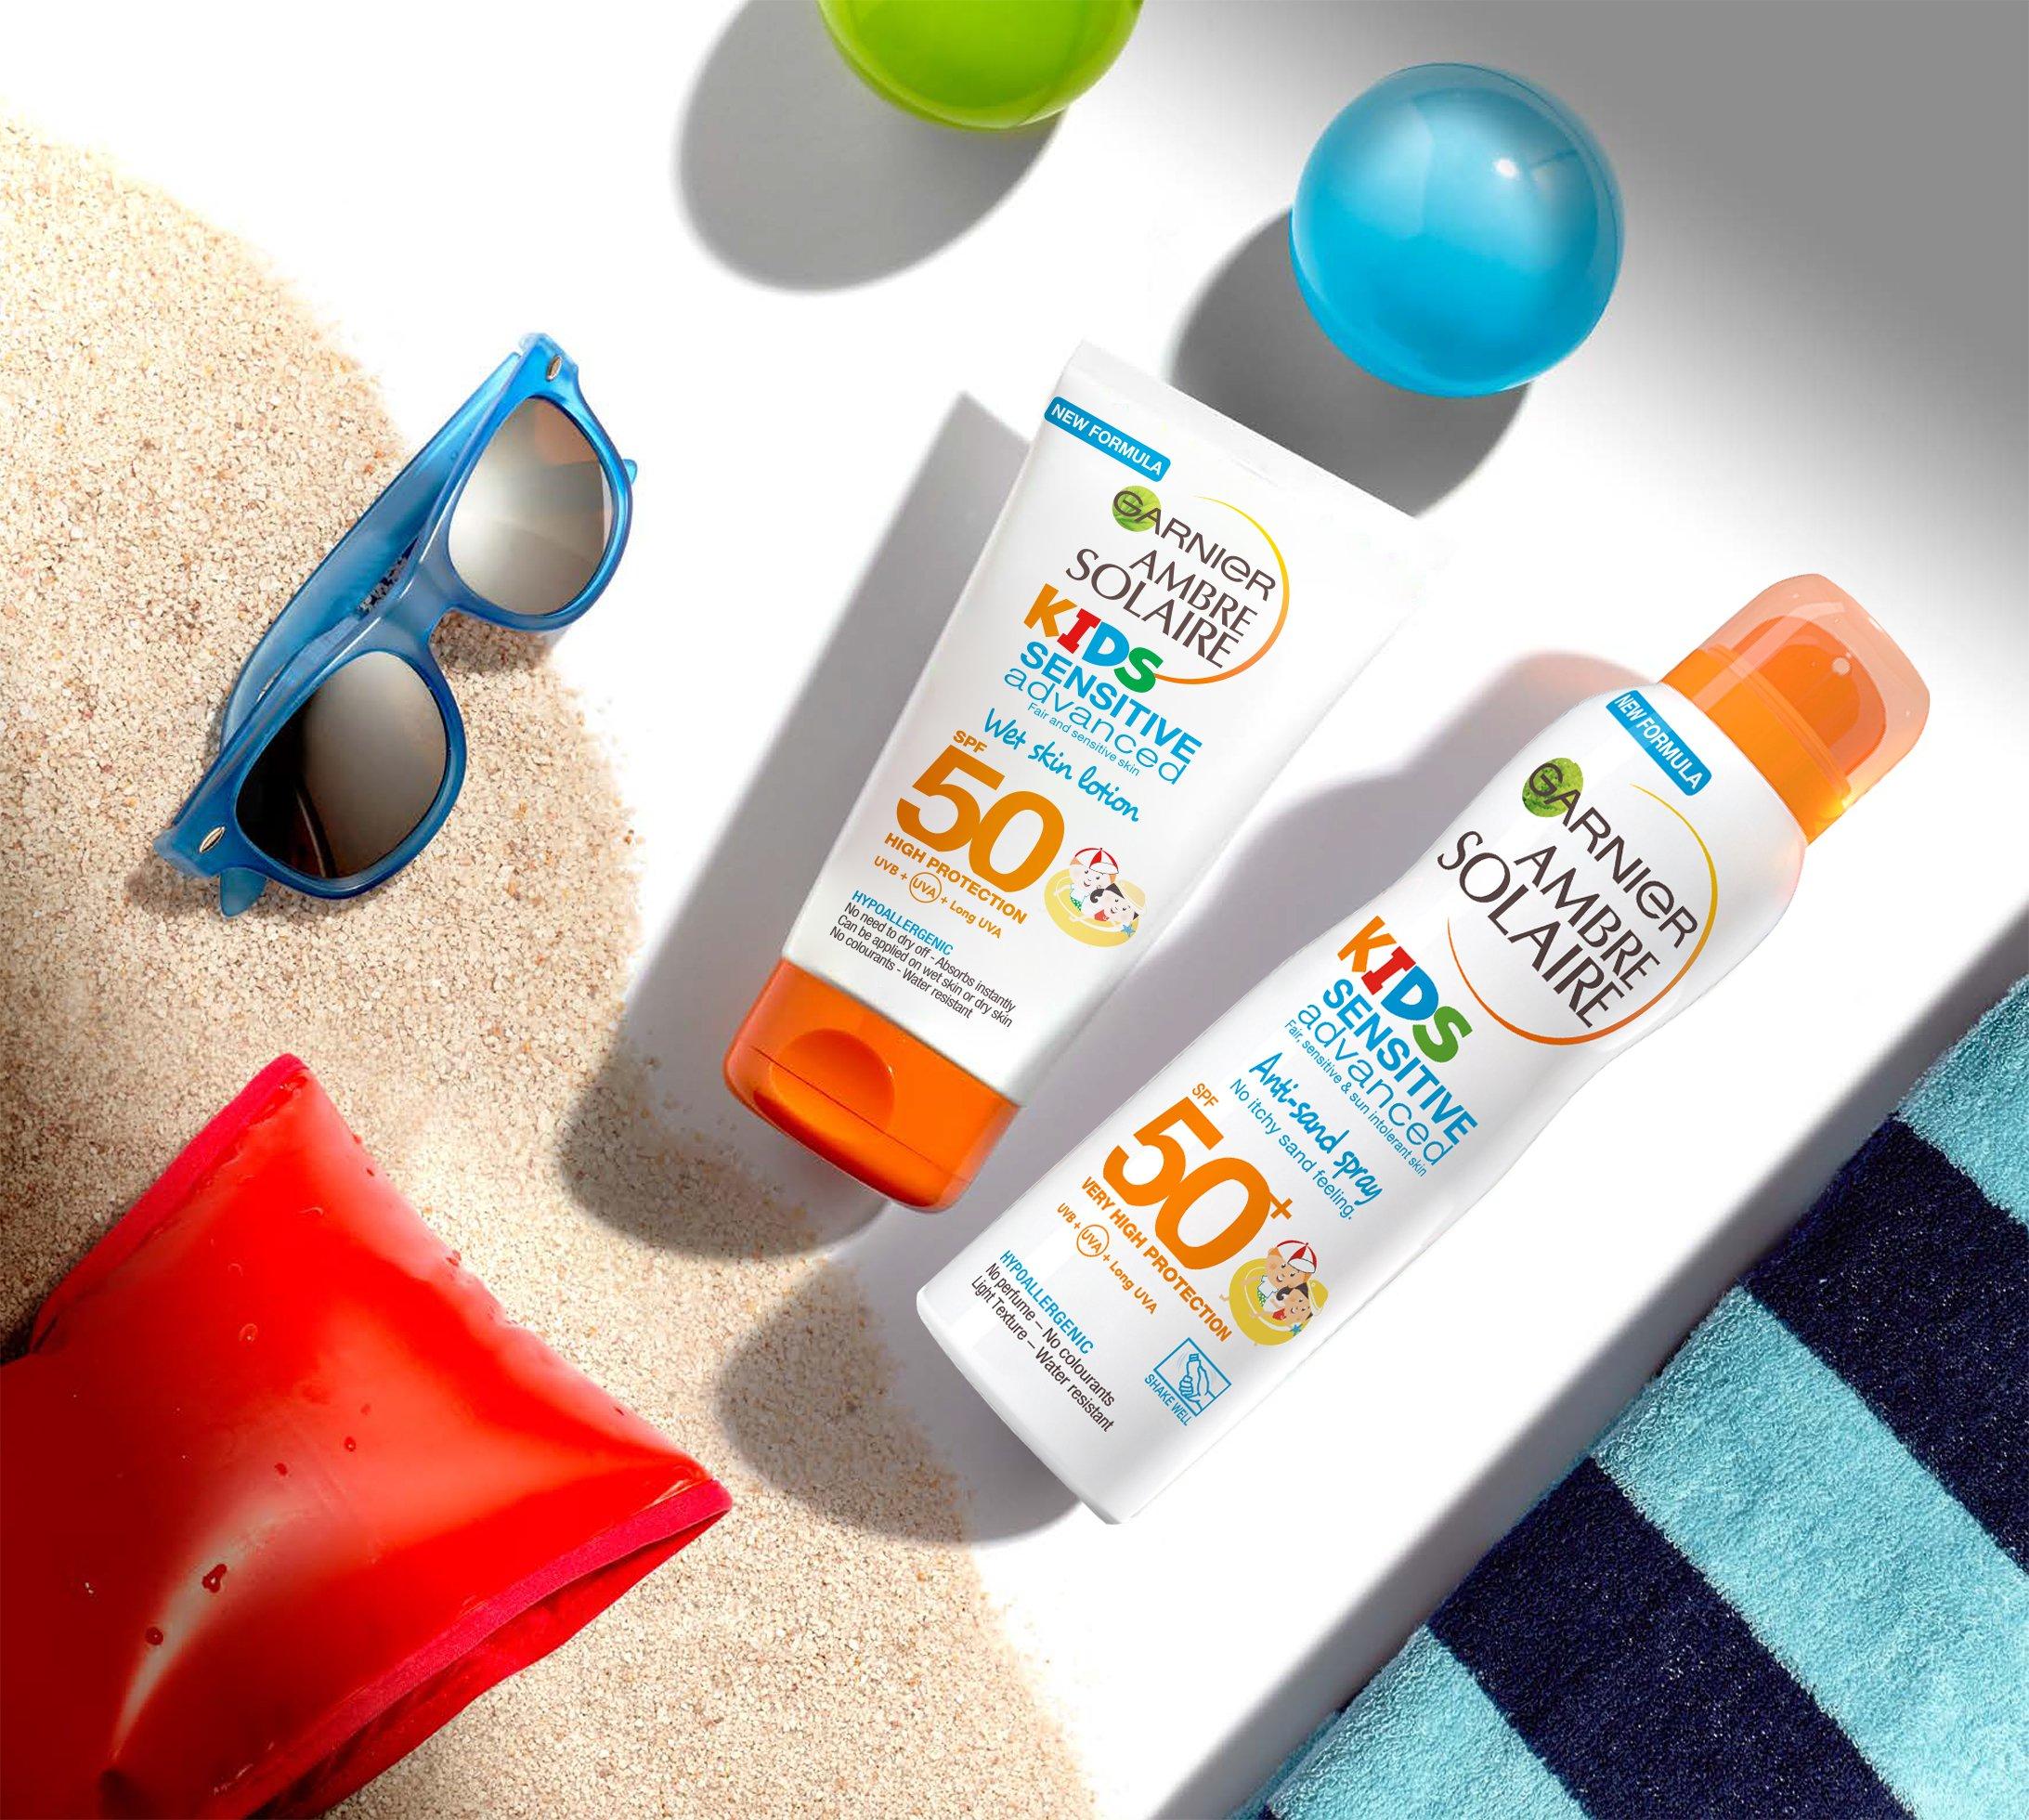 Spray de crema solar Ambre Solaire resistente a la arena sensible para los niños SPF 50 + 200ml